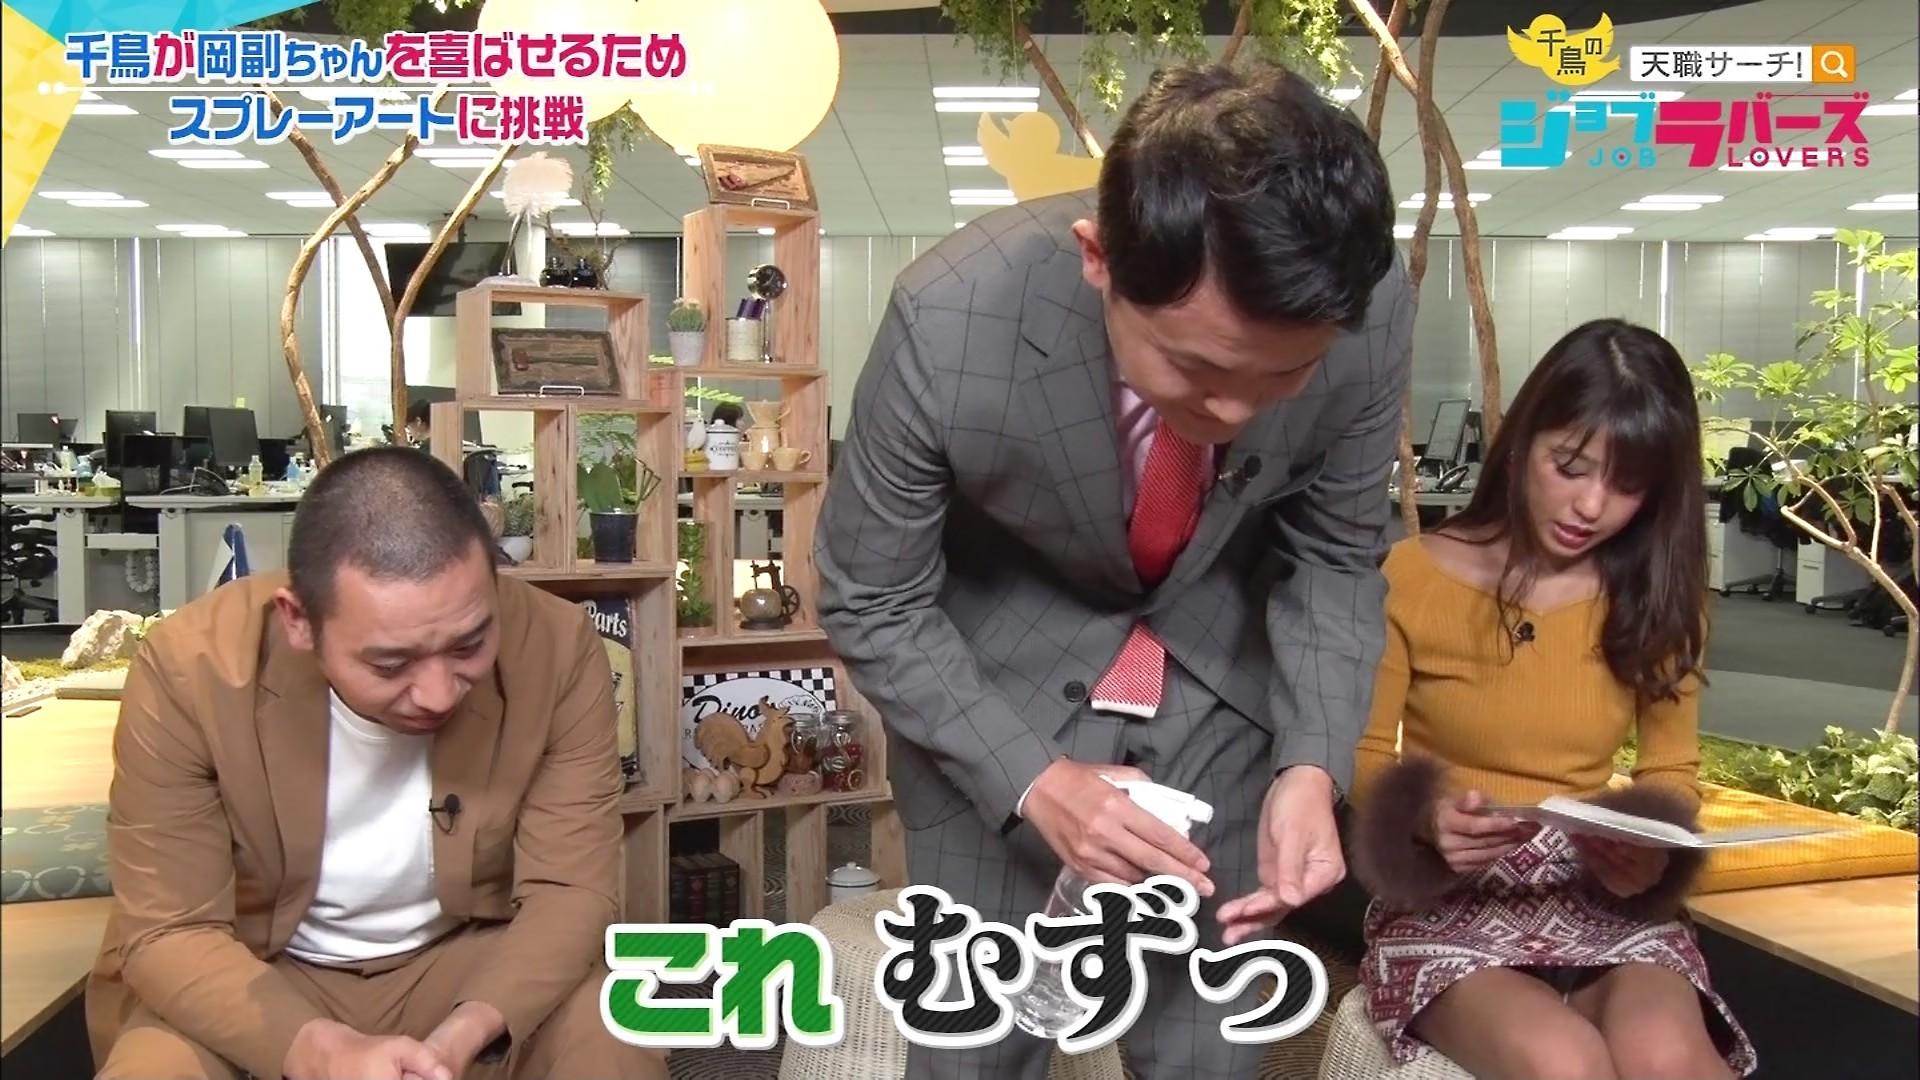 岡副麻希ちゃんの相変わらず無防備なテレビに映ったパンツ丸見え写真